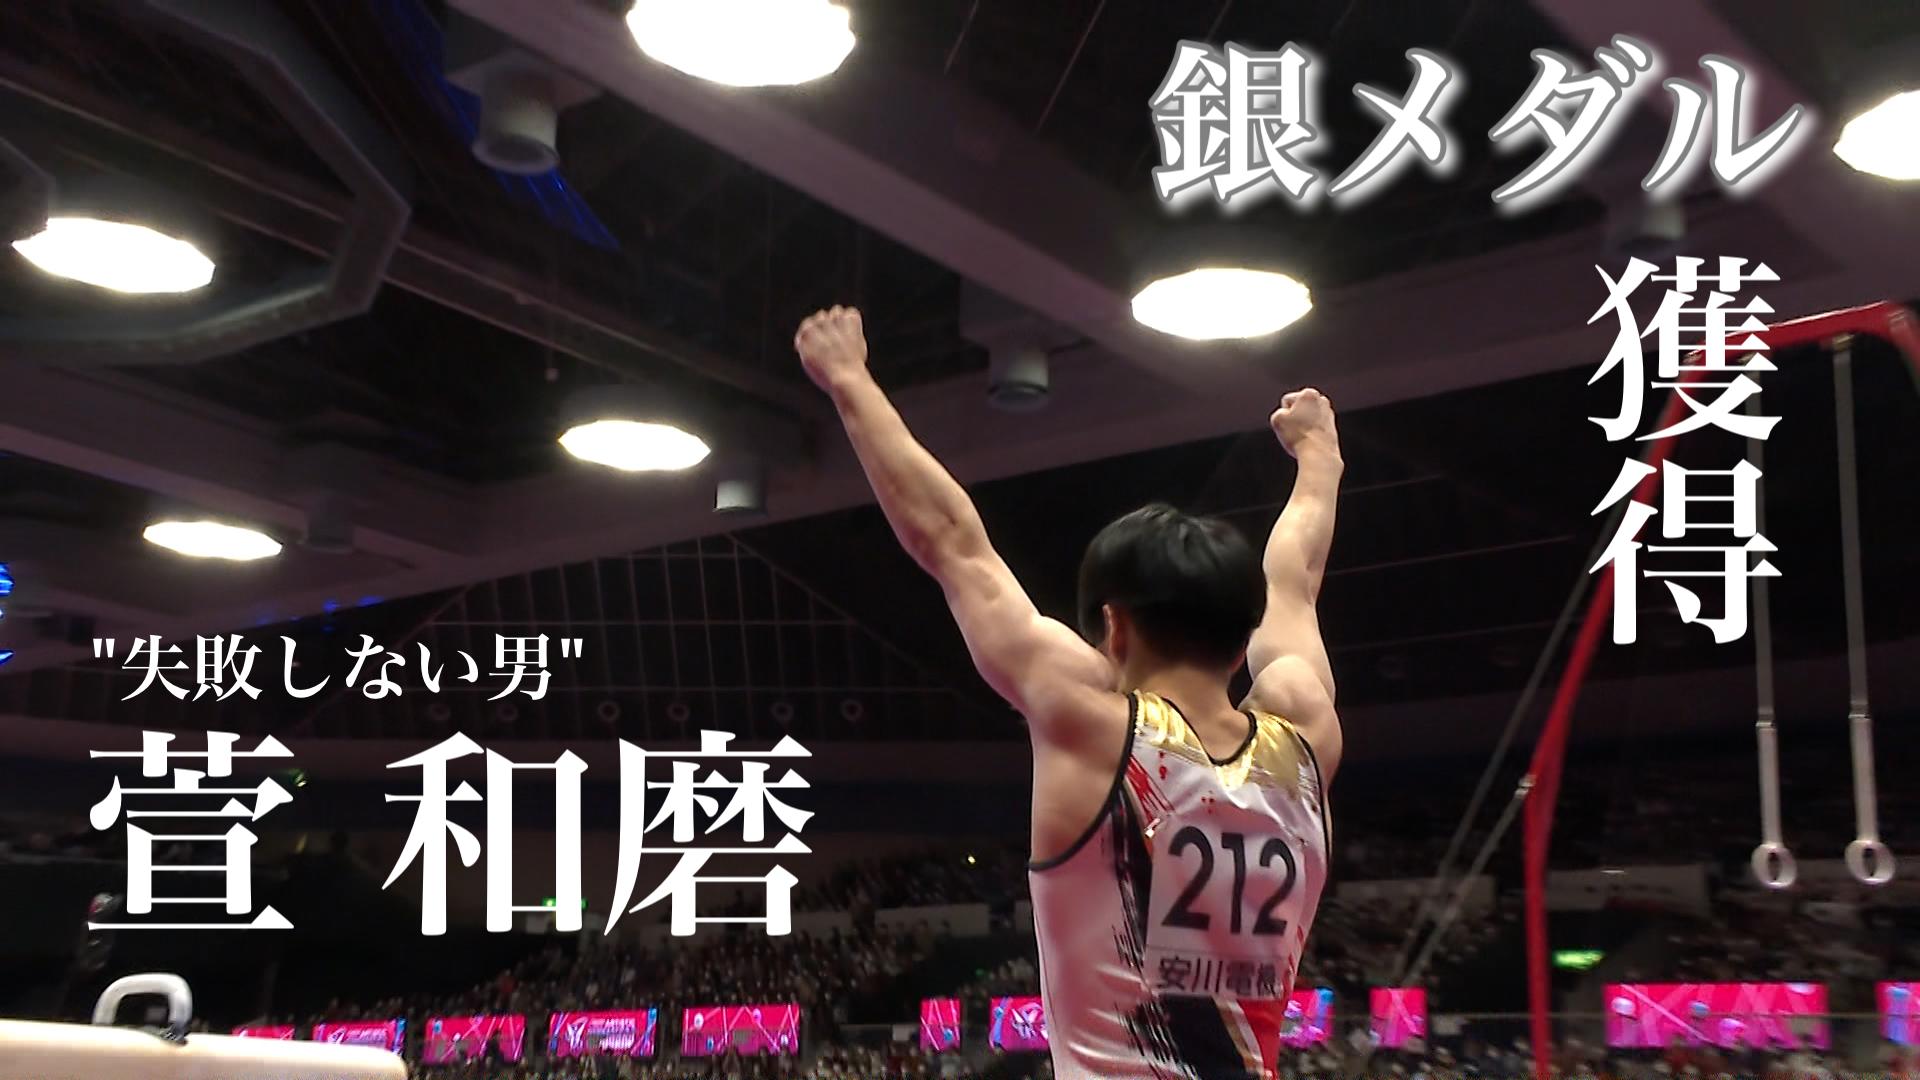 【世界体操】萱和磨 種目別あん馬 銀メダル!明日への意気込みも